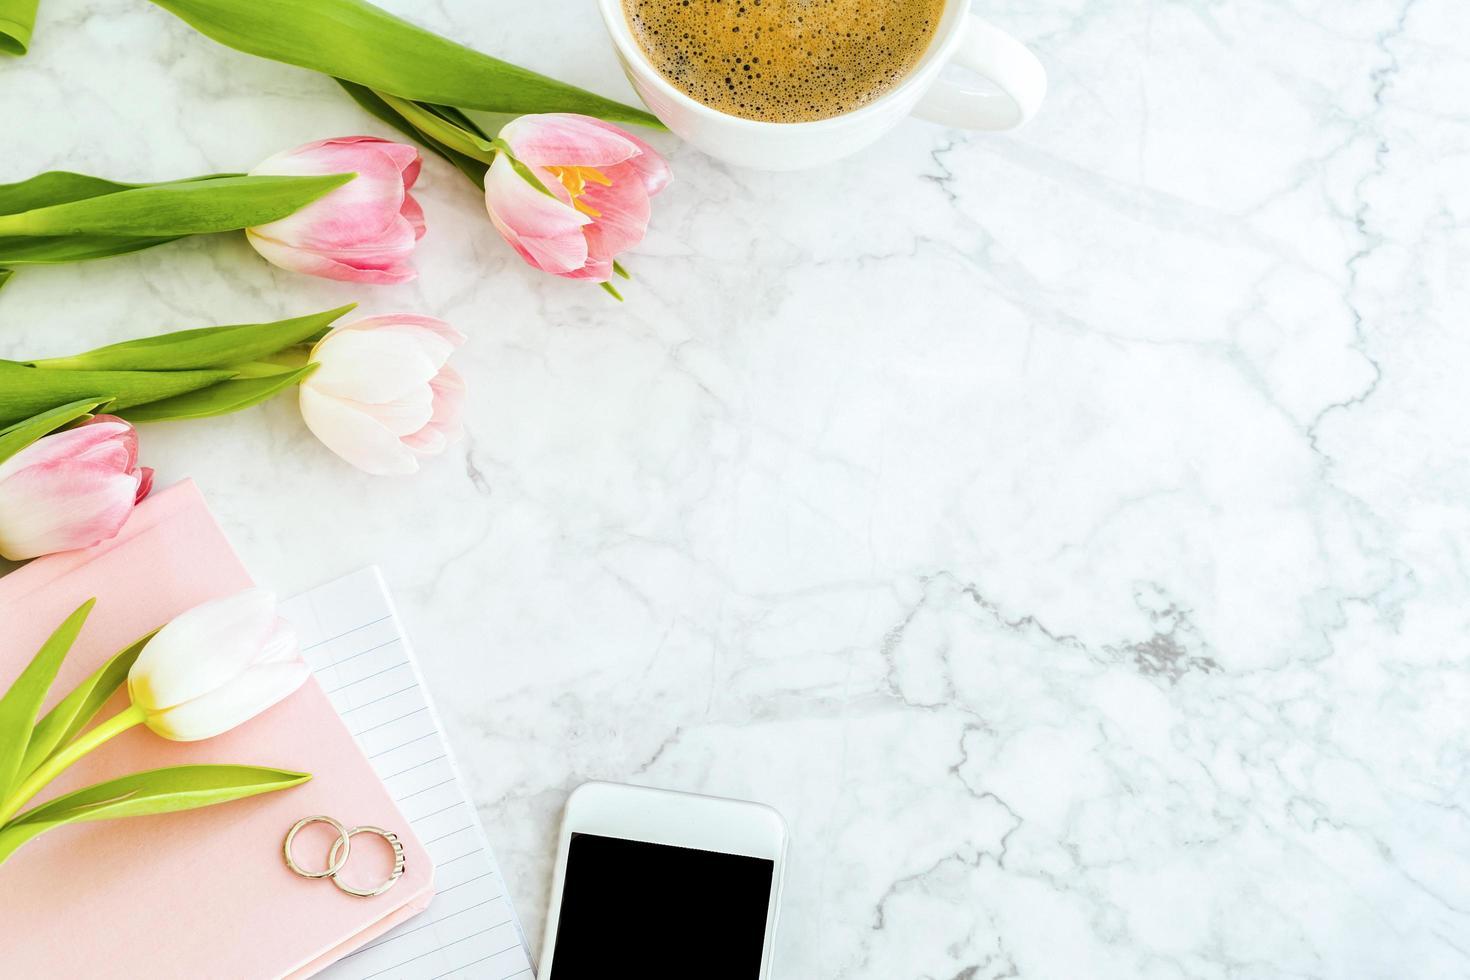 flache Marmortischplatte mit Blumen foto